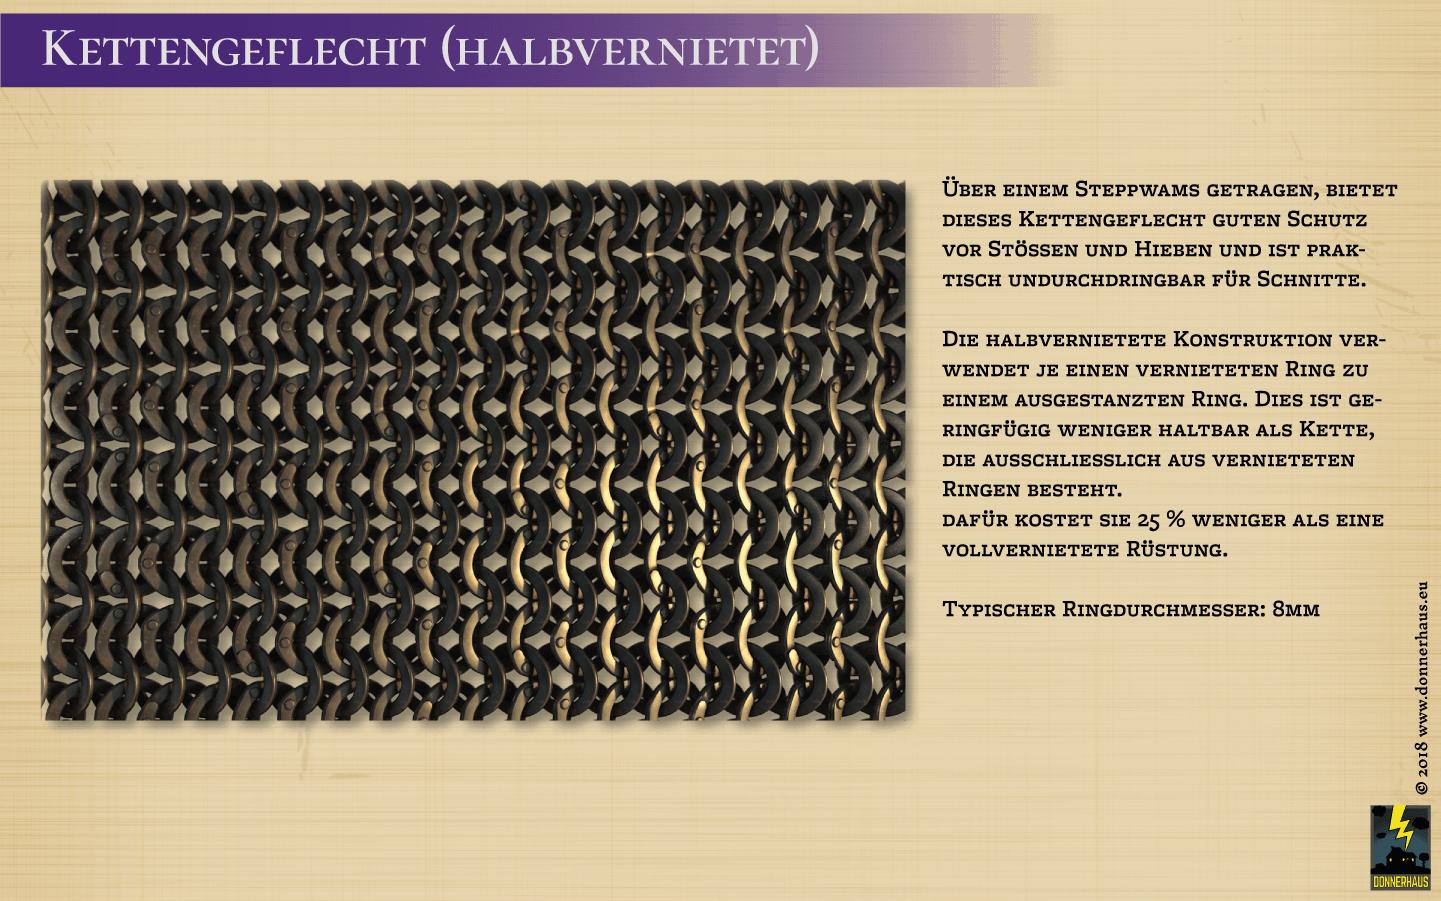 Anschaungsbild halbvernietetes Kettengeflecht für Kettenpanzer